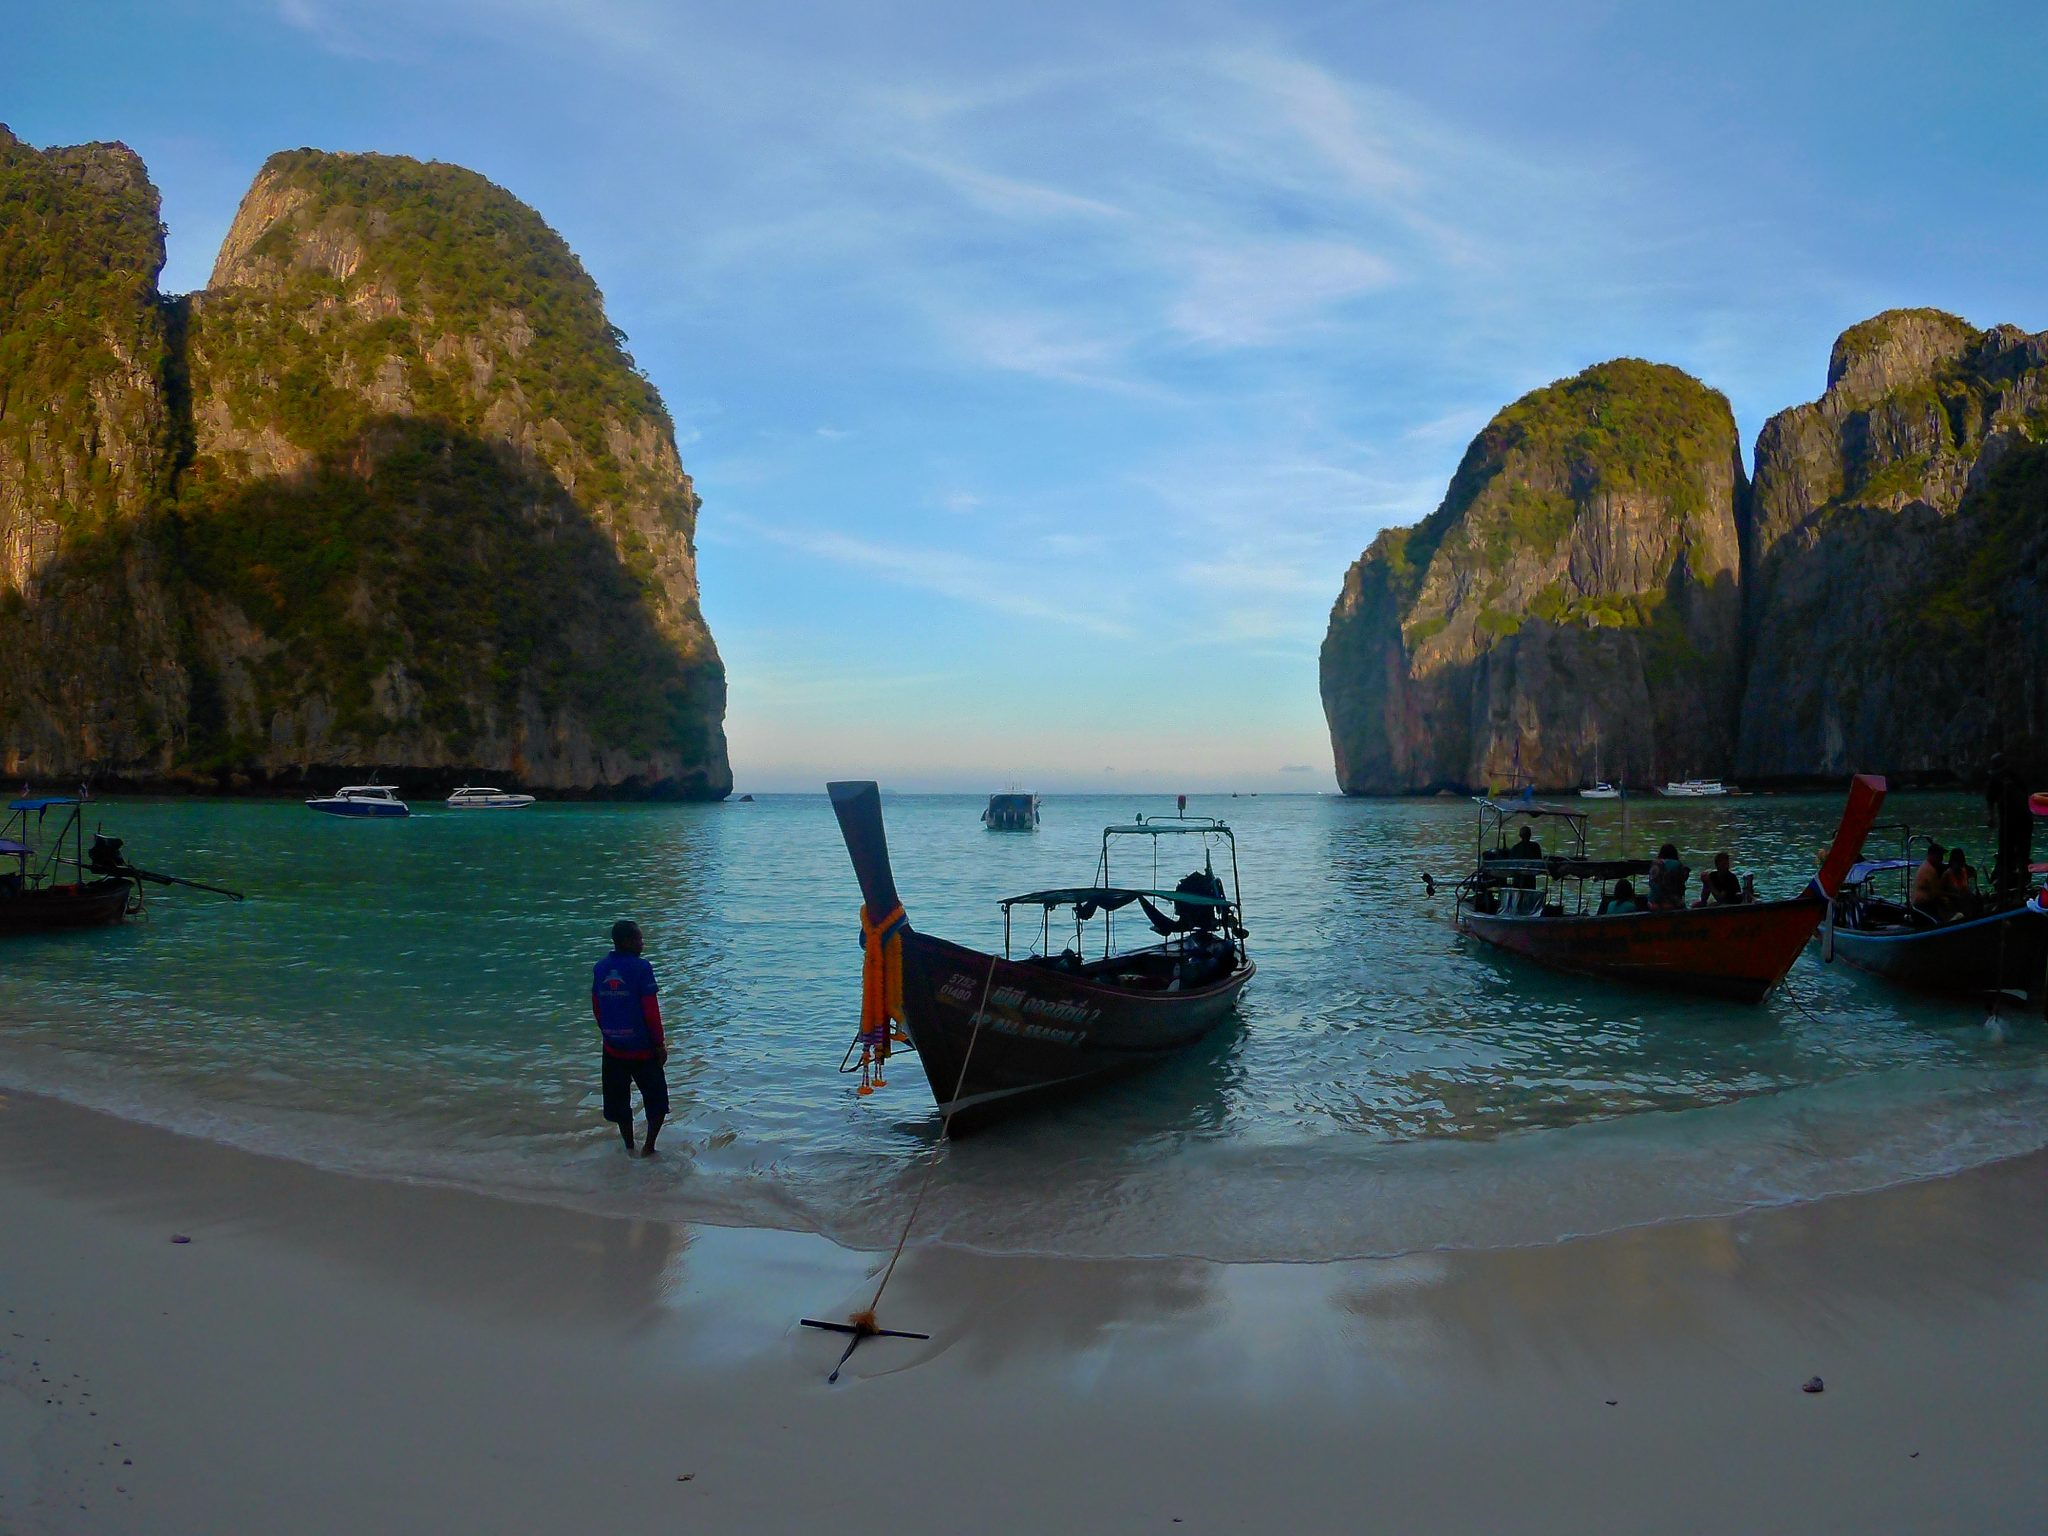 Img post Phuket o Krabi. Amanecer Maya Bay La Playa- Pasaporte y Millas